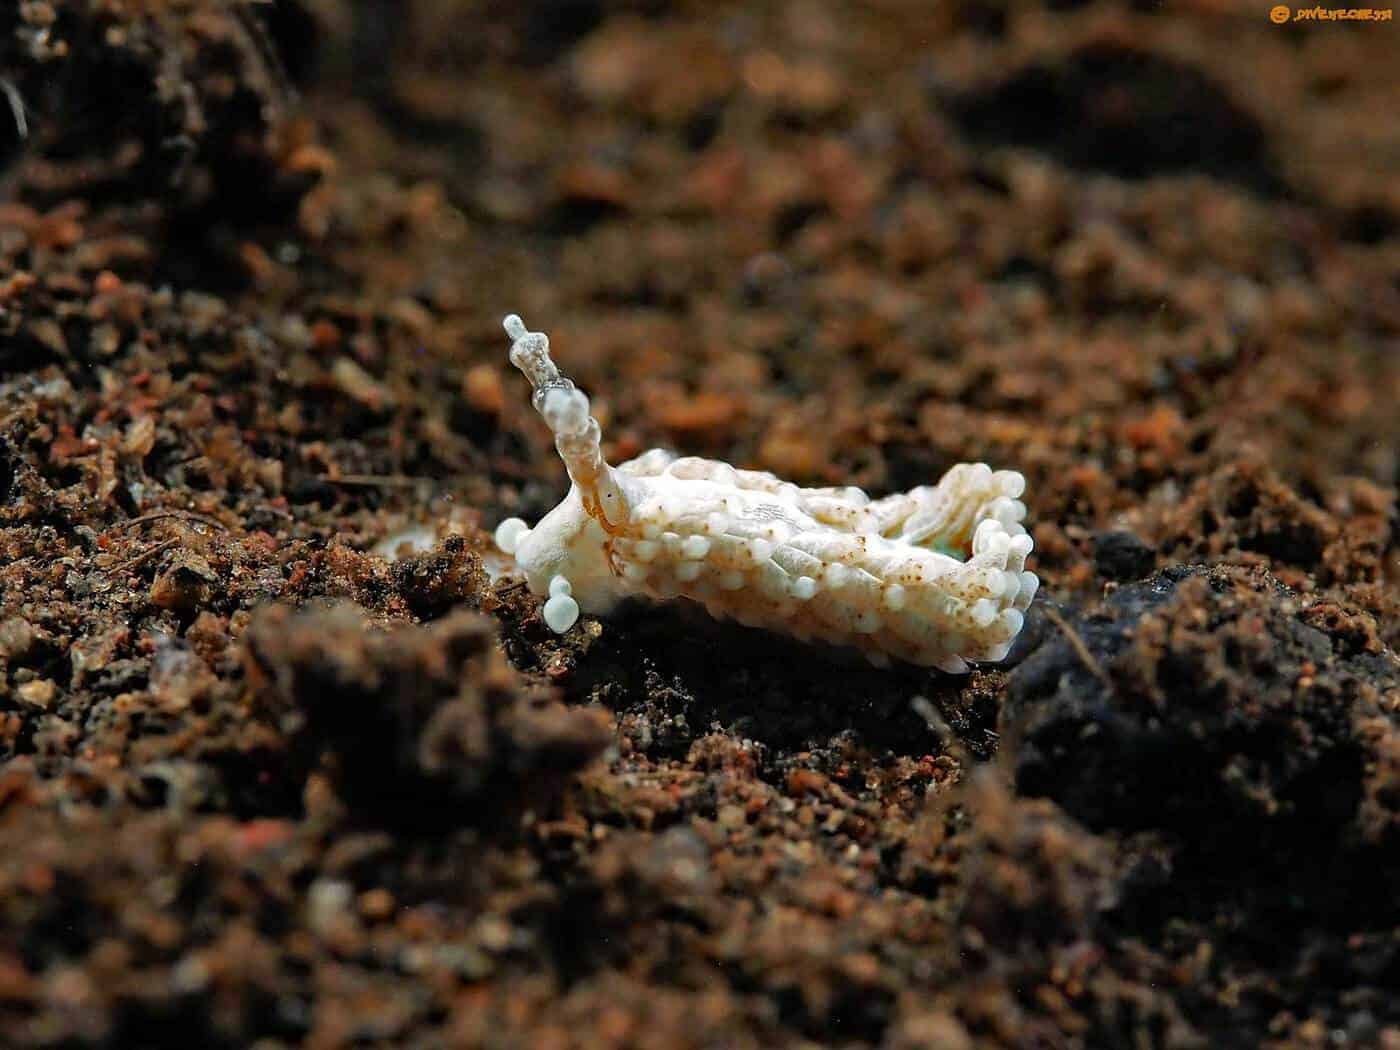 Bulbaeolidia paulae